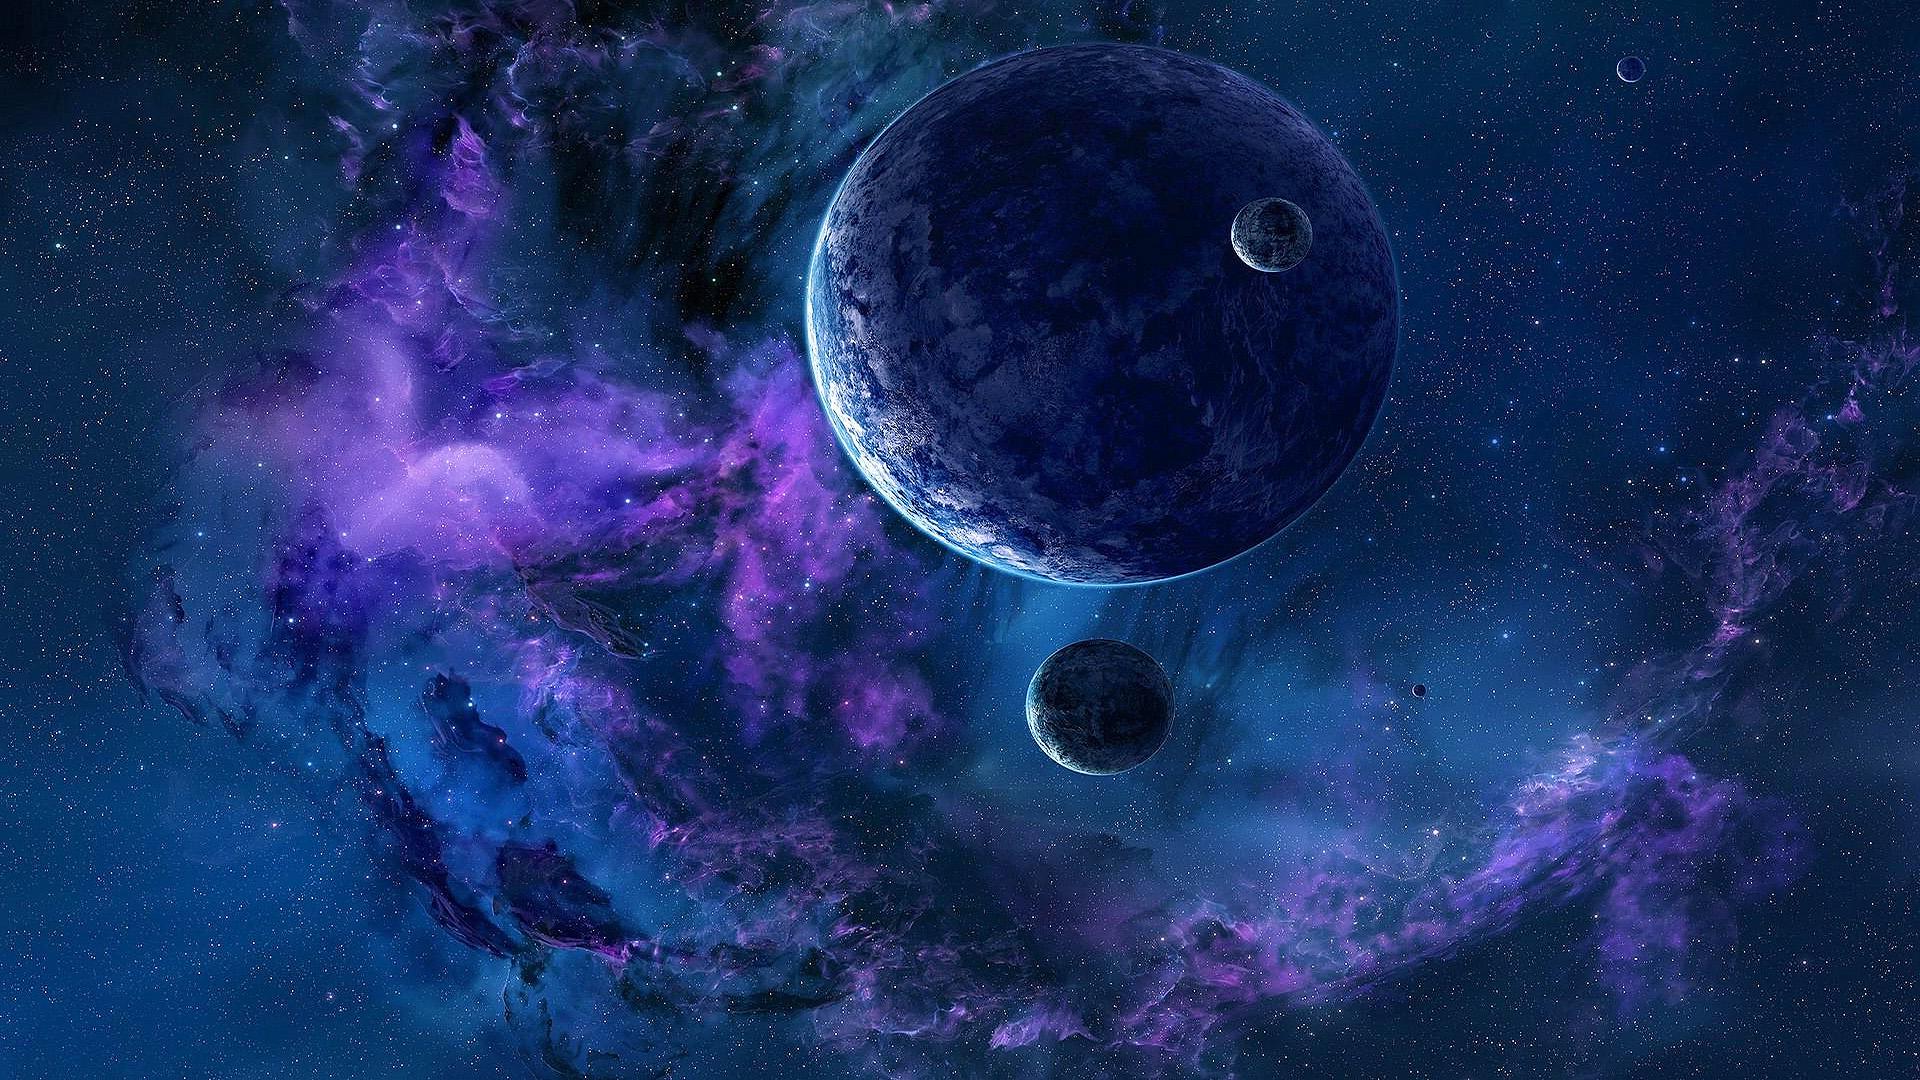 HDoboi.Kiev.ua - скачать обои на рабочий стол галактика, планеты, звезды, туманность вселенная, космос